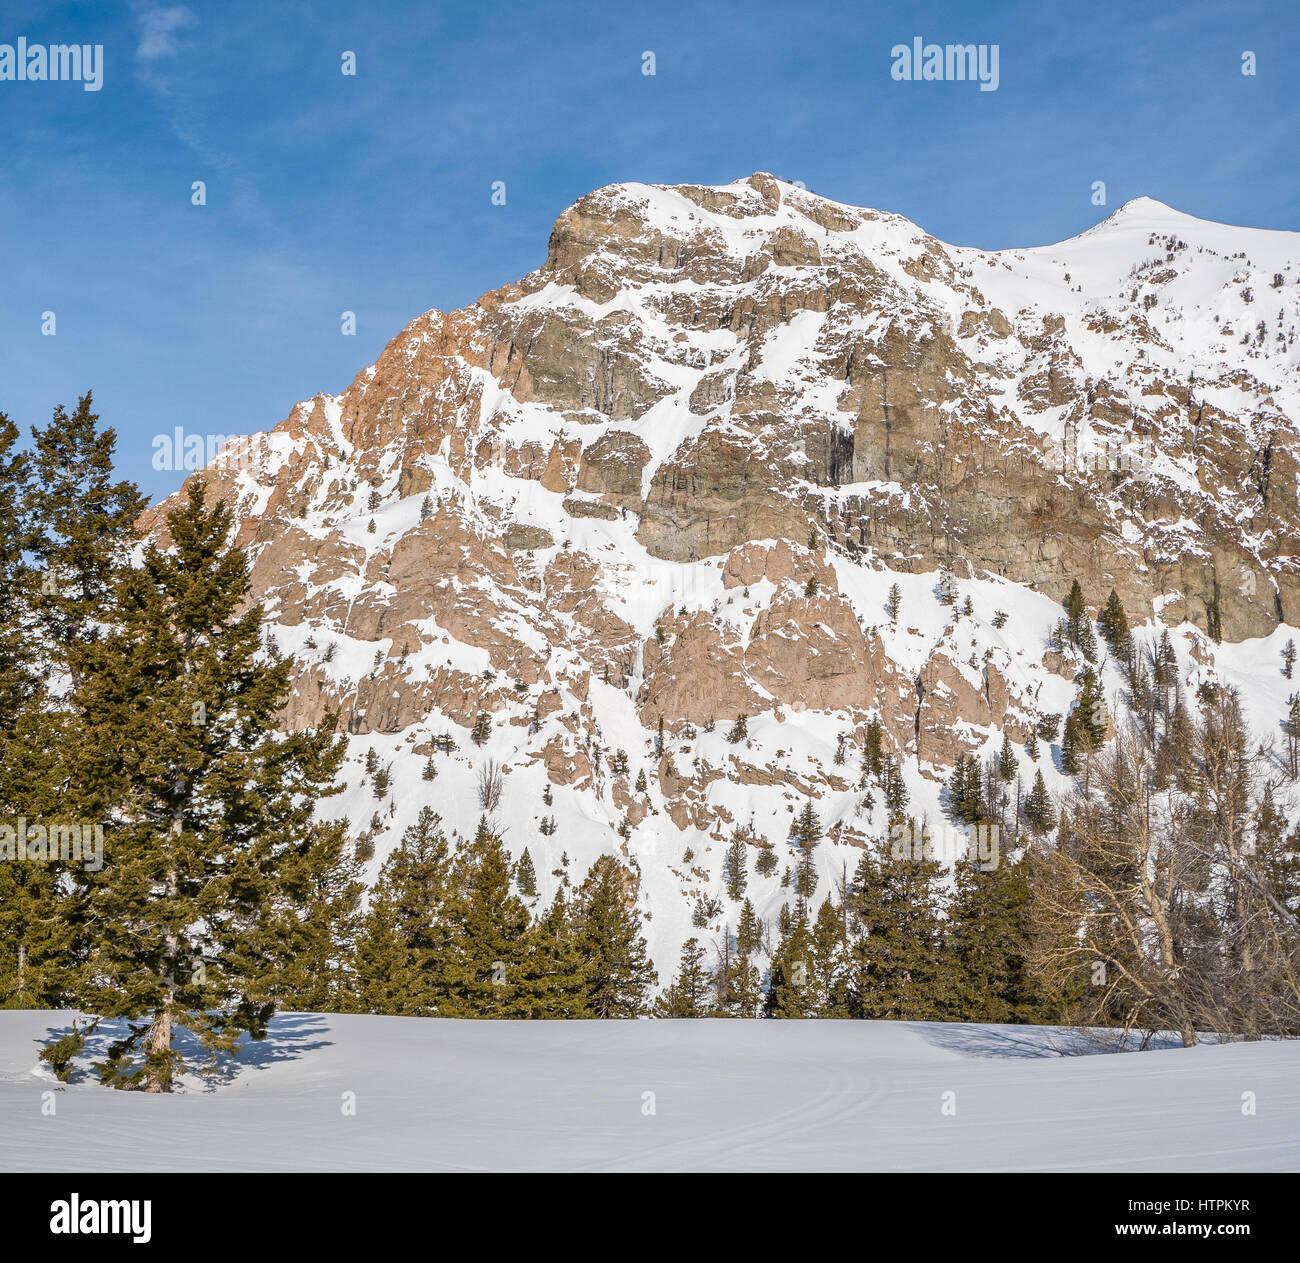 Silver Peak Ice climbs near Sun Valley Idaho - Stock Image